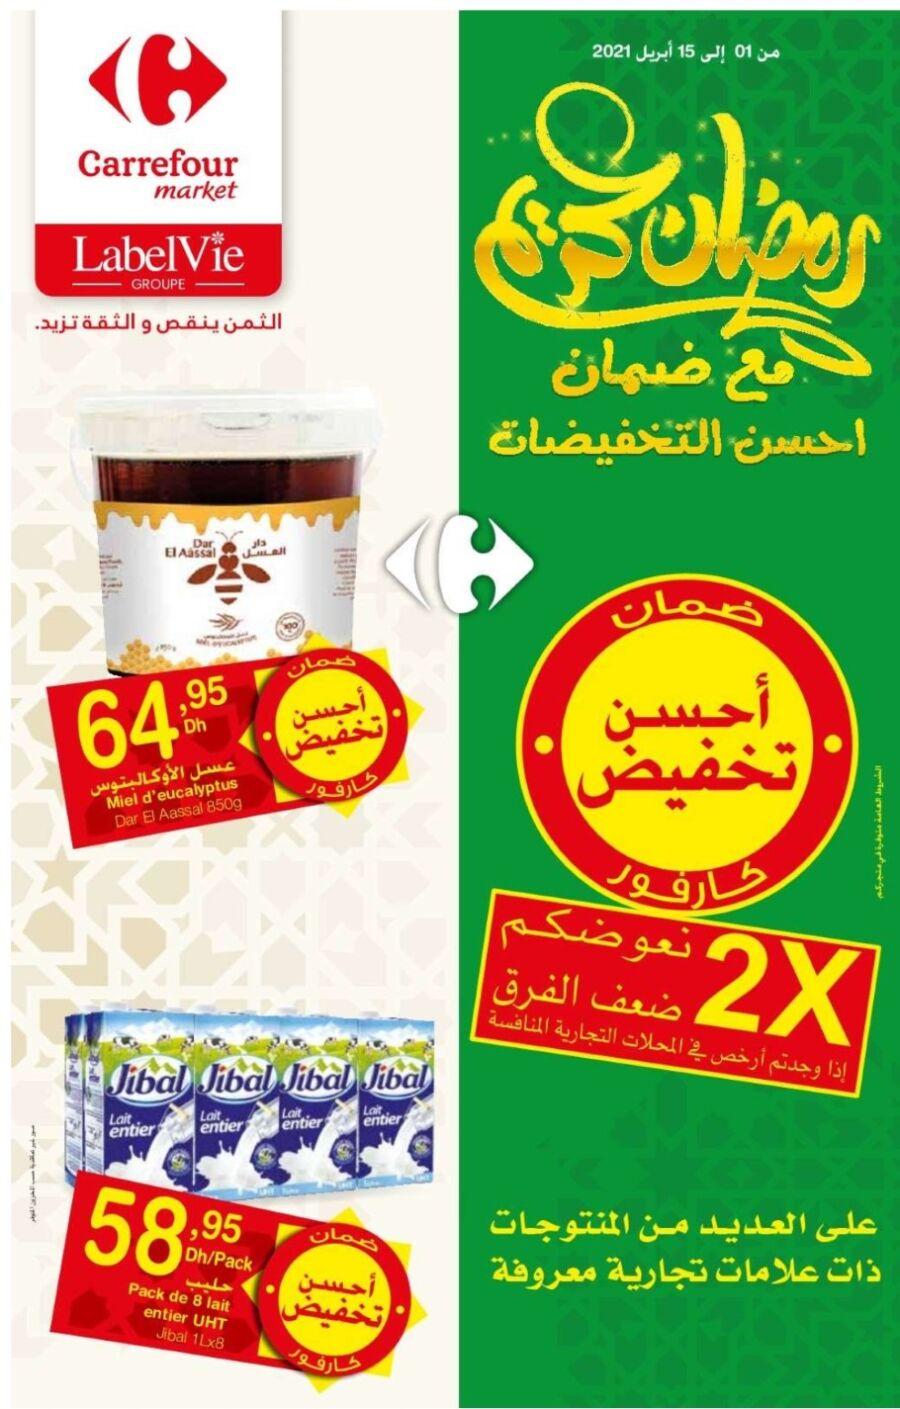 Catalogue Carrefour Market Maroc رمضان كريم du 1 au 15 Avril 2021